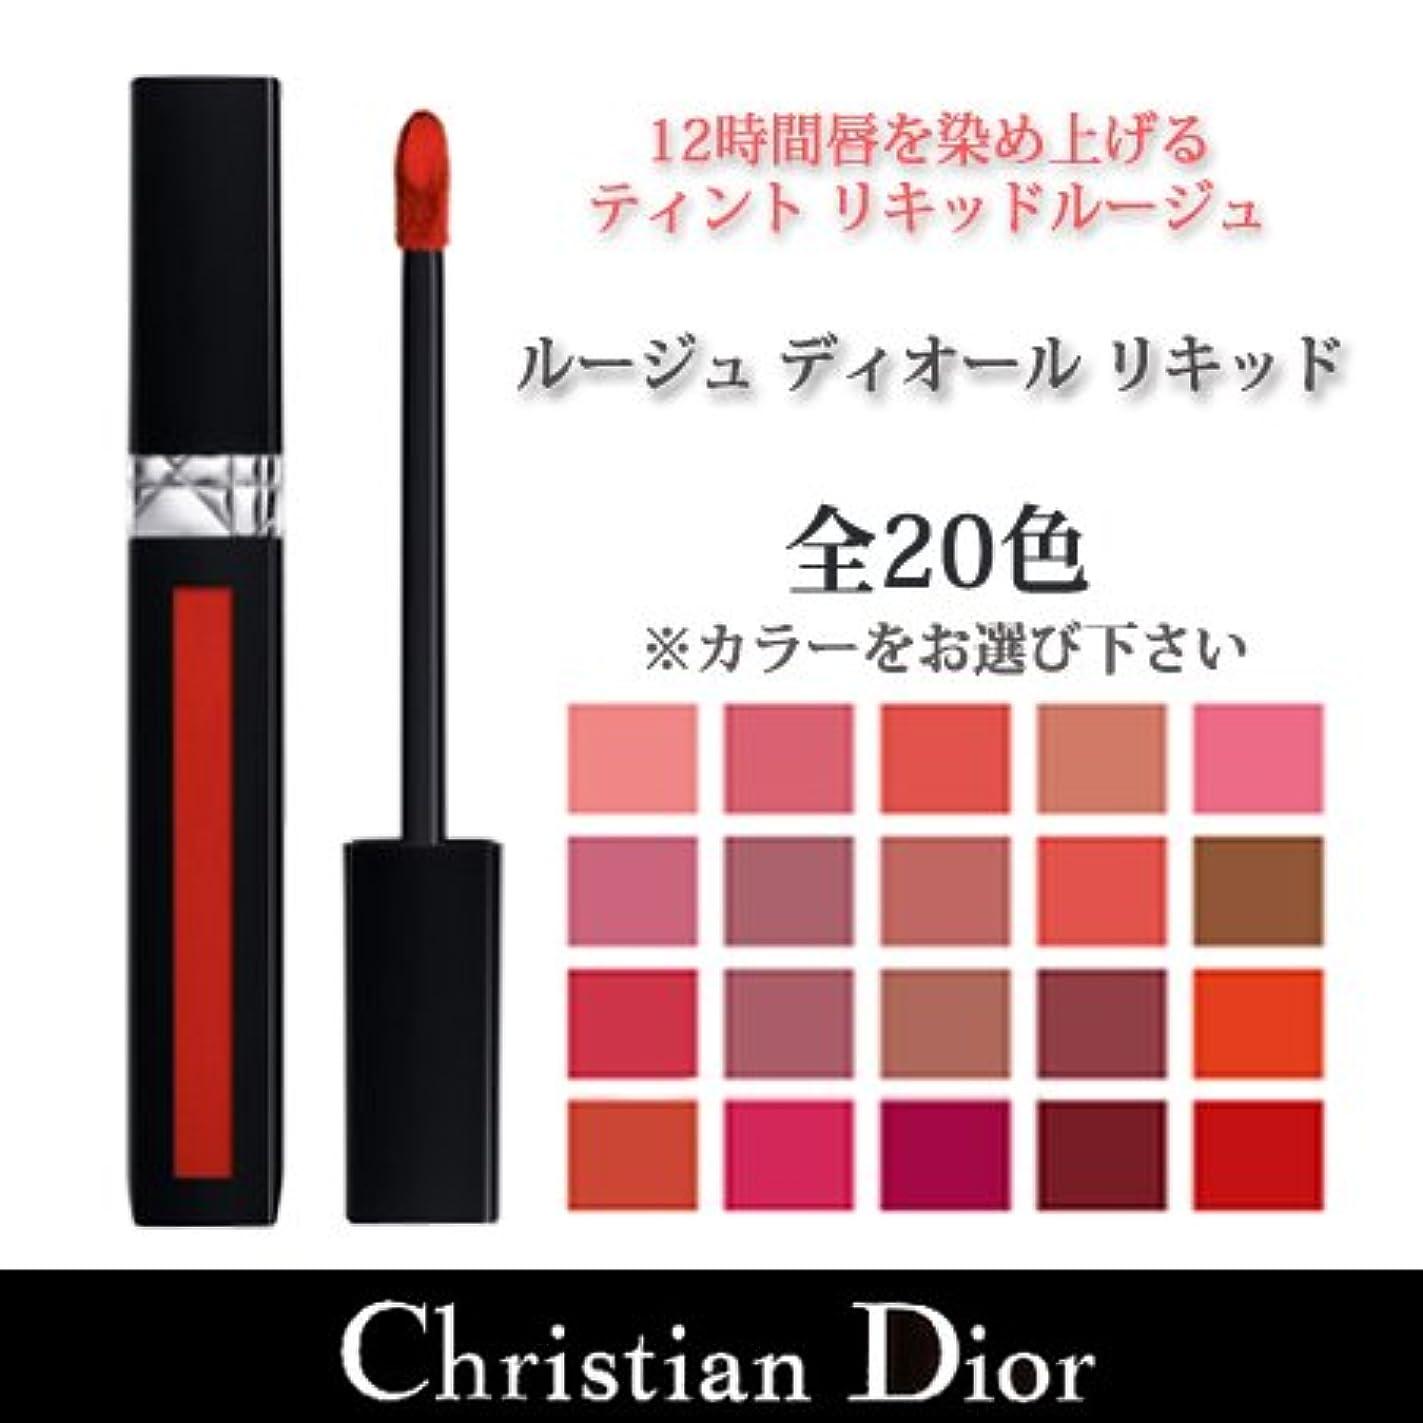 ラベル探検オーバーランディオール ルージュ ディオール リキッド 全20色 -Dior- 272